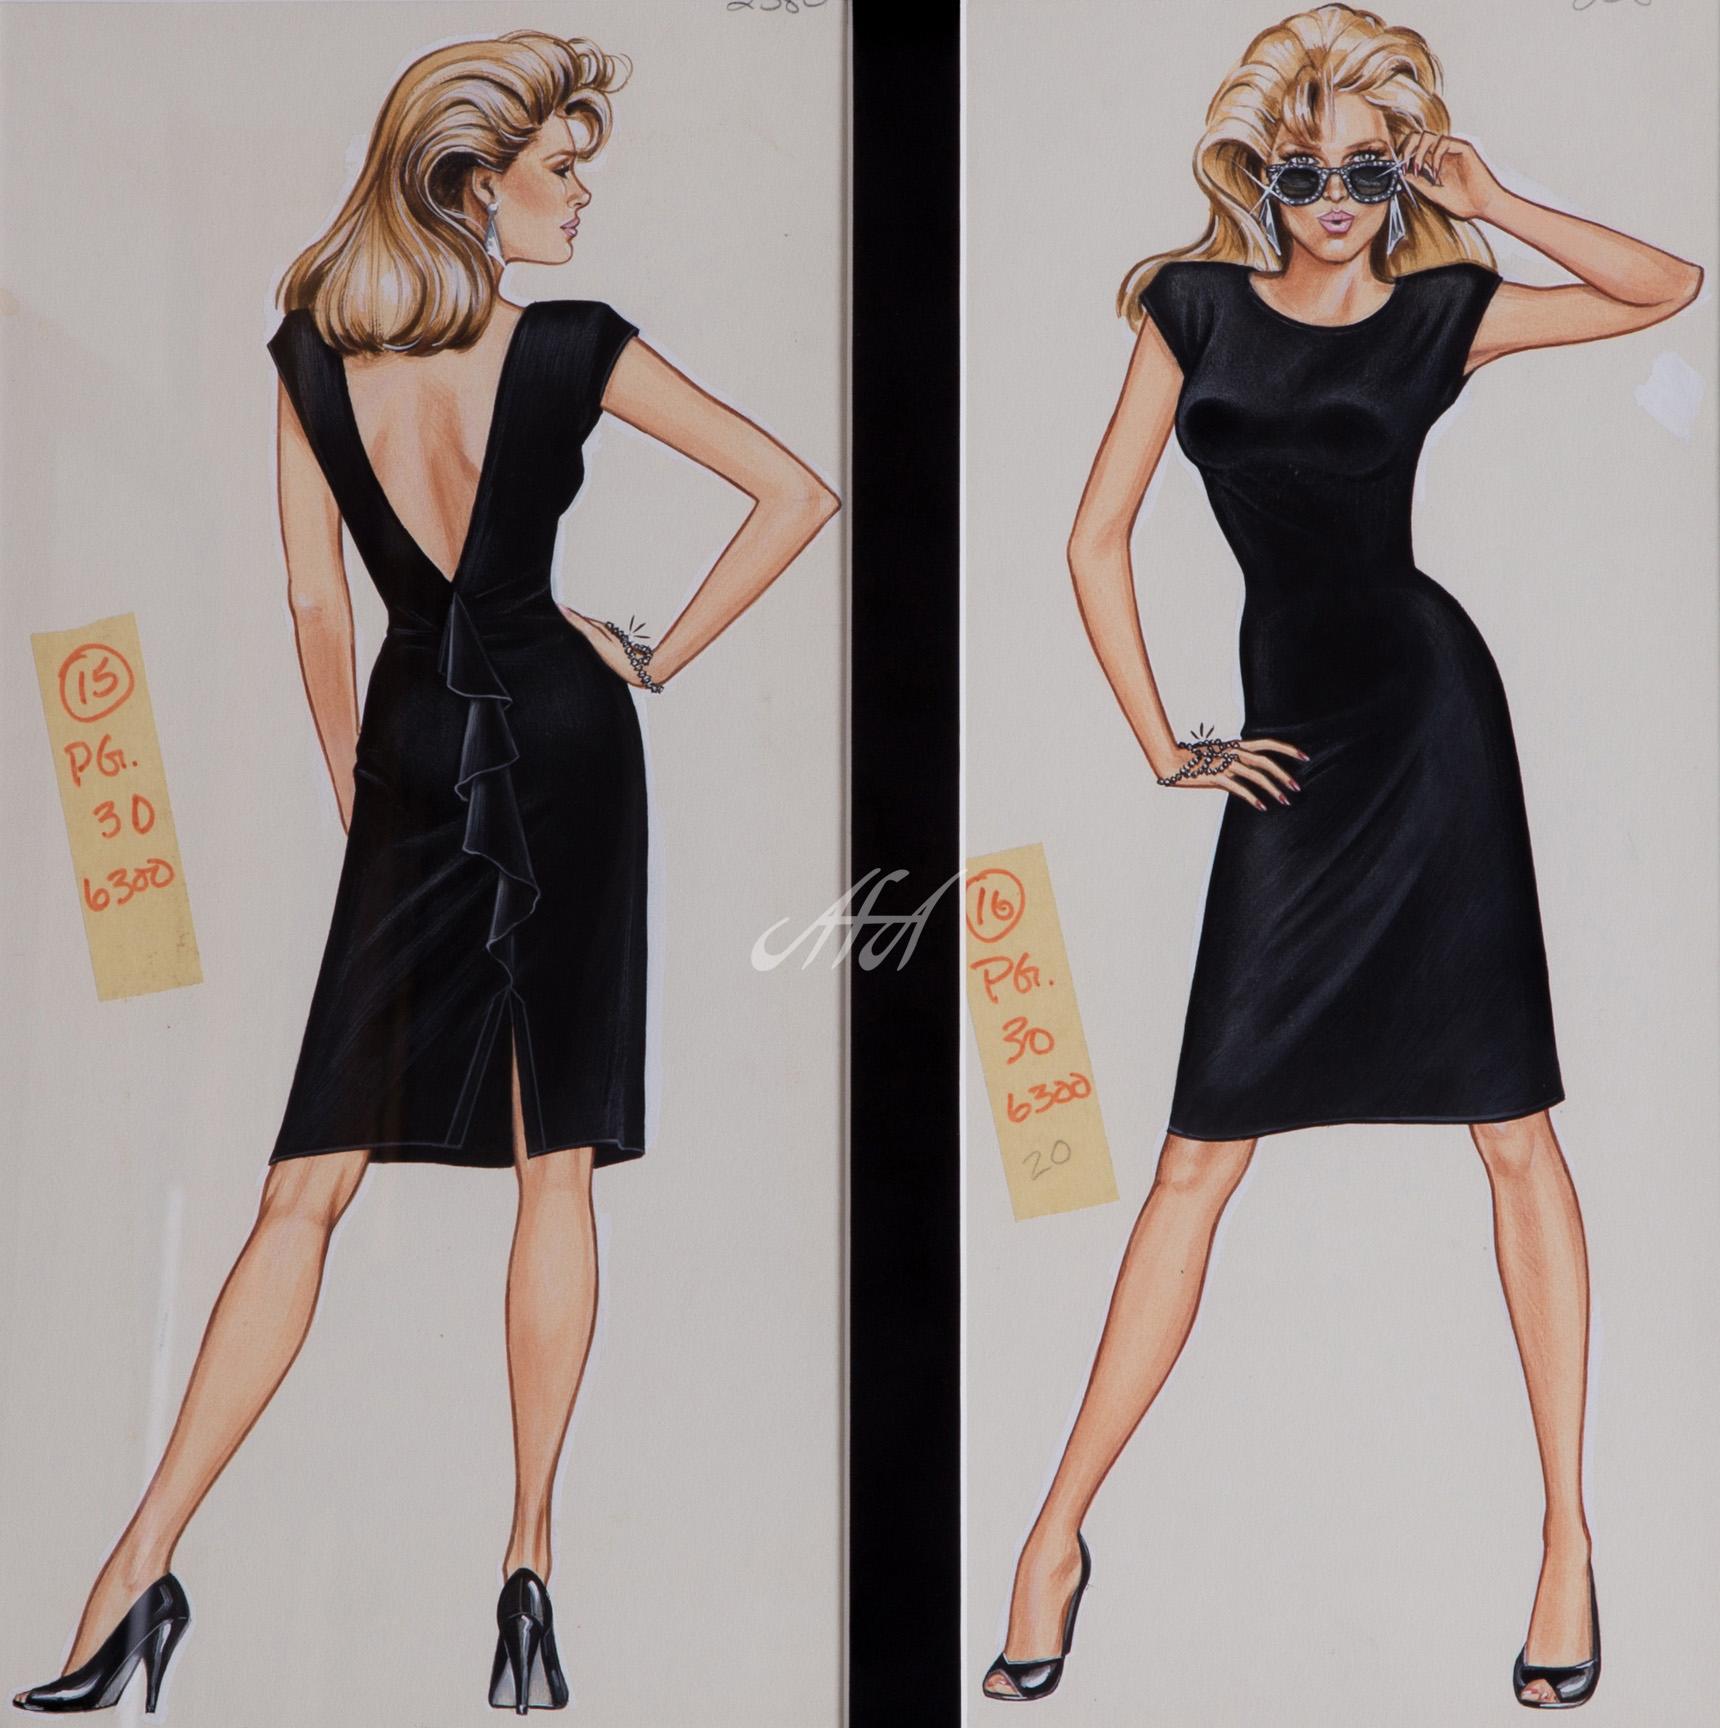 HCFM_Mellinger_bd3992_blackdress_framed LoRes watermark.jpg